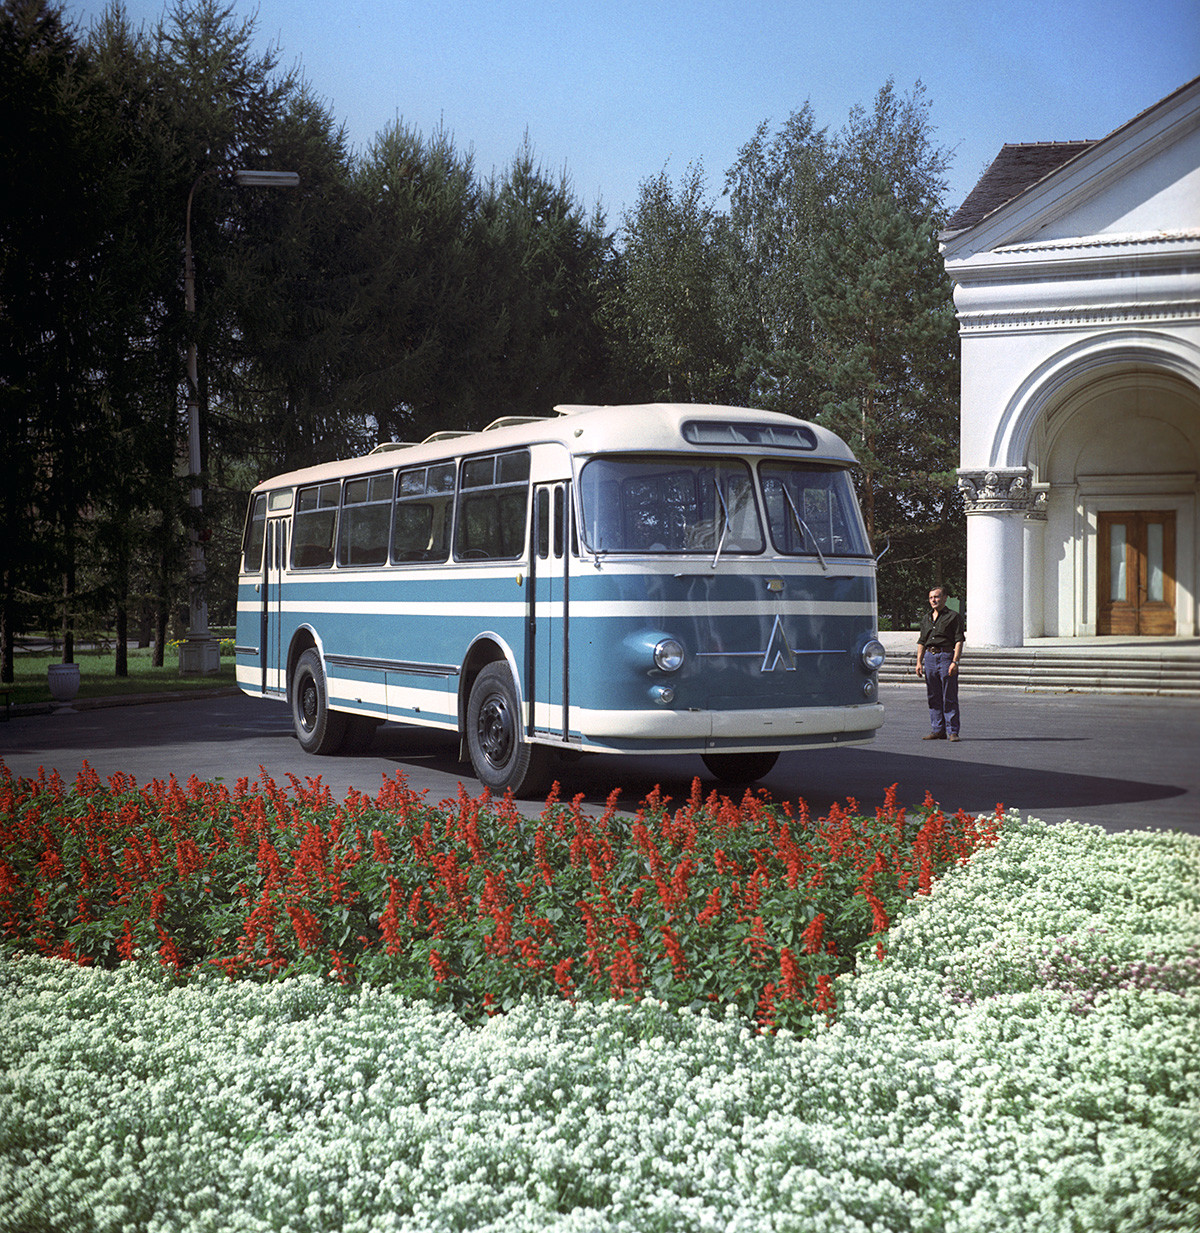 Sovjetski avtobus LAZ-697 iz Tovarne avtobusov v Lvovu, 1970